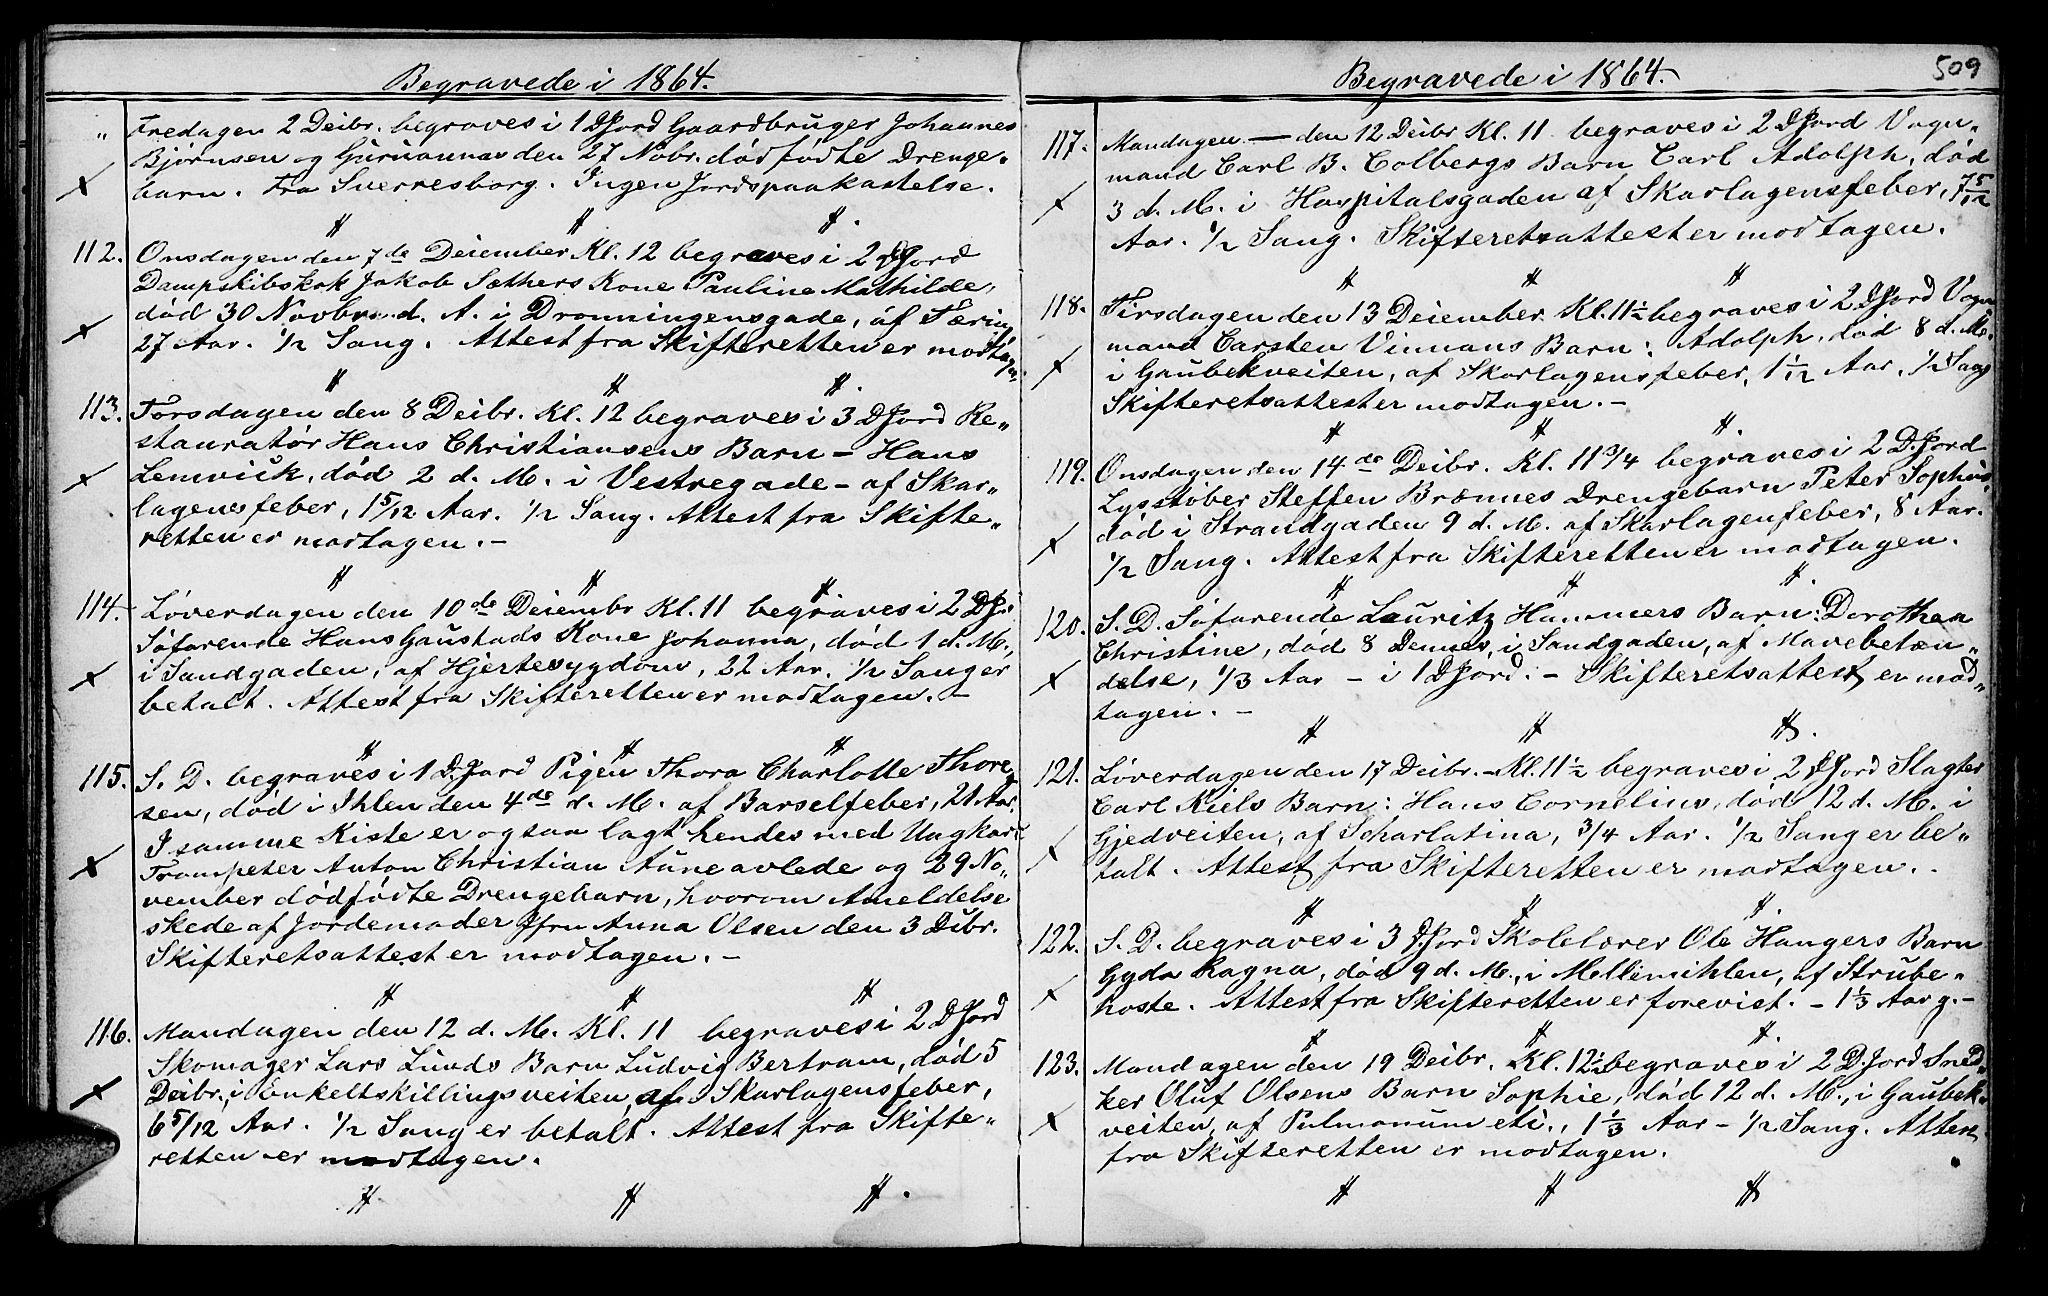 SAT, Ministerialprotokoller, klokkerbøker og fødselsregistre - Sør-Trøndelag, 602/L0140: Klokkerbok nr. 602C08, 1864-1872, s. 508-509